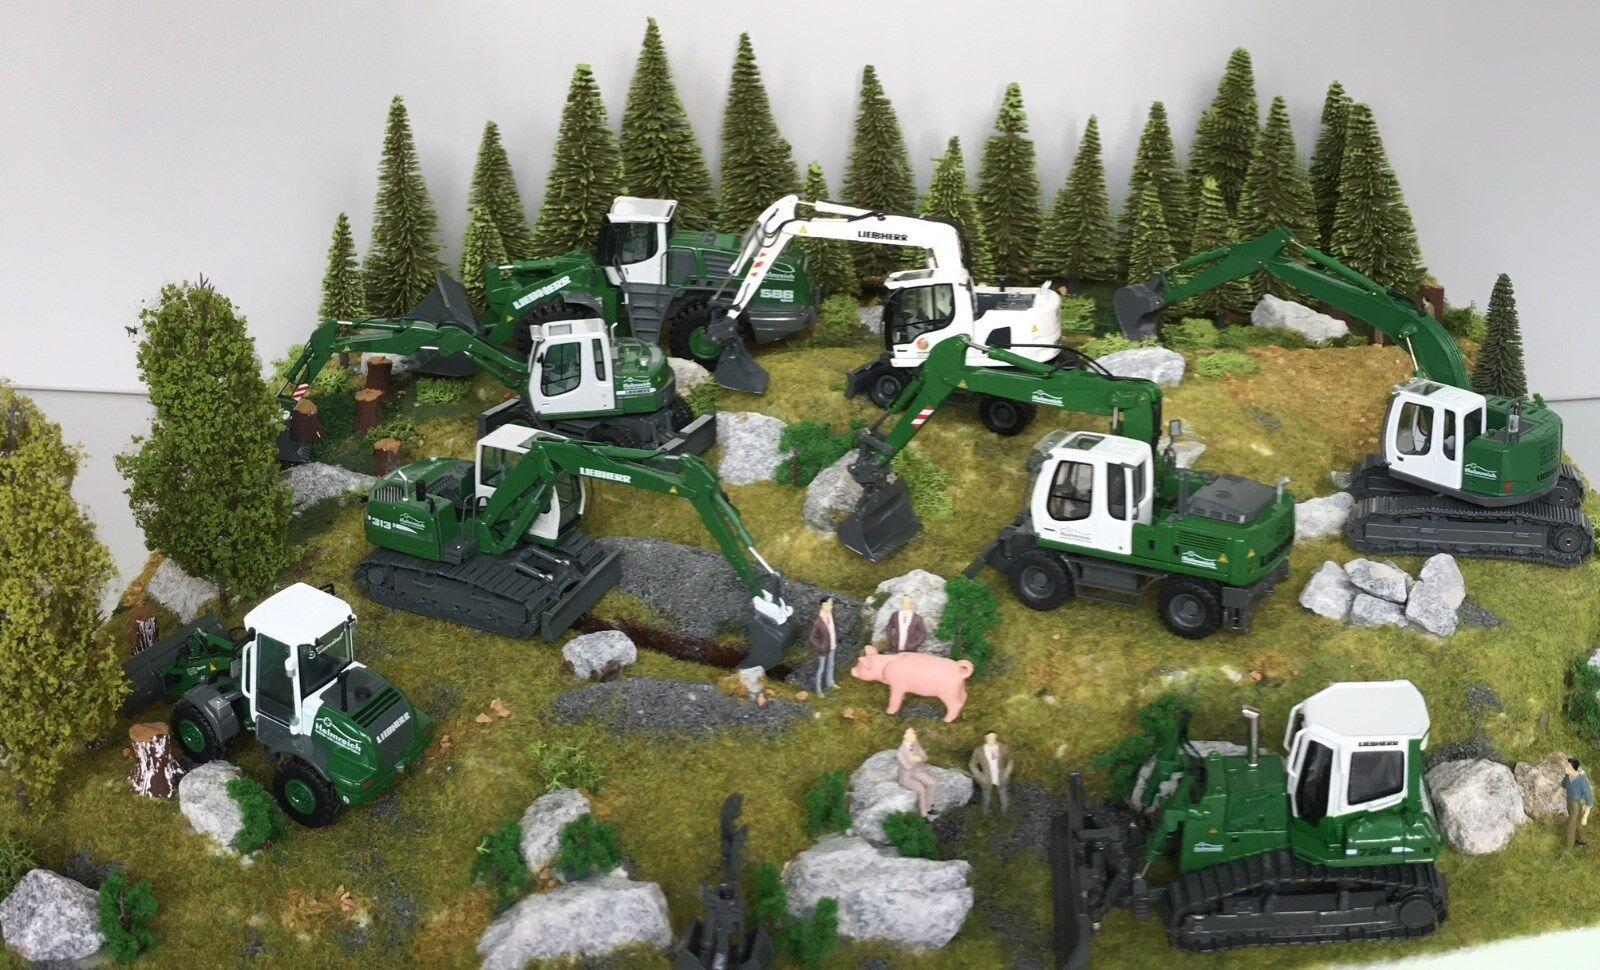 NZG Liebherr Raupenbagger 313 Helmreich grün 1 1 1 50 NEU OVP Art. 678 01 7d379f